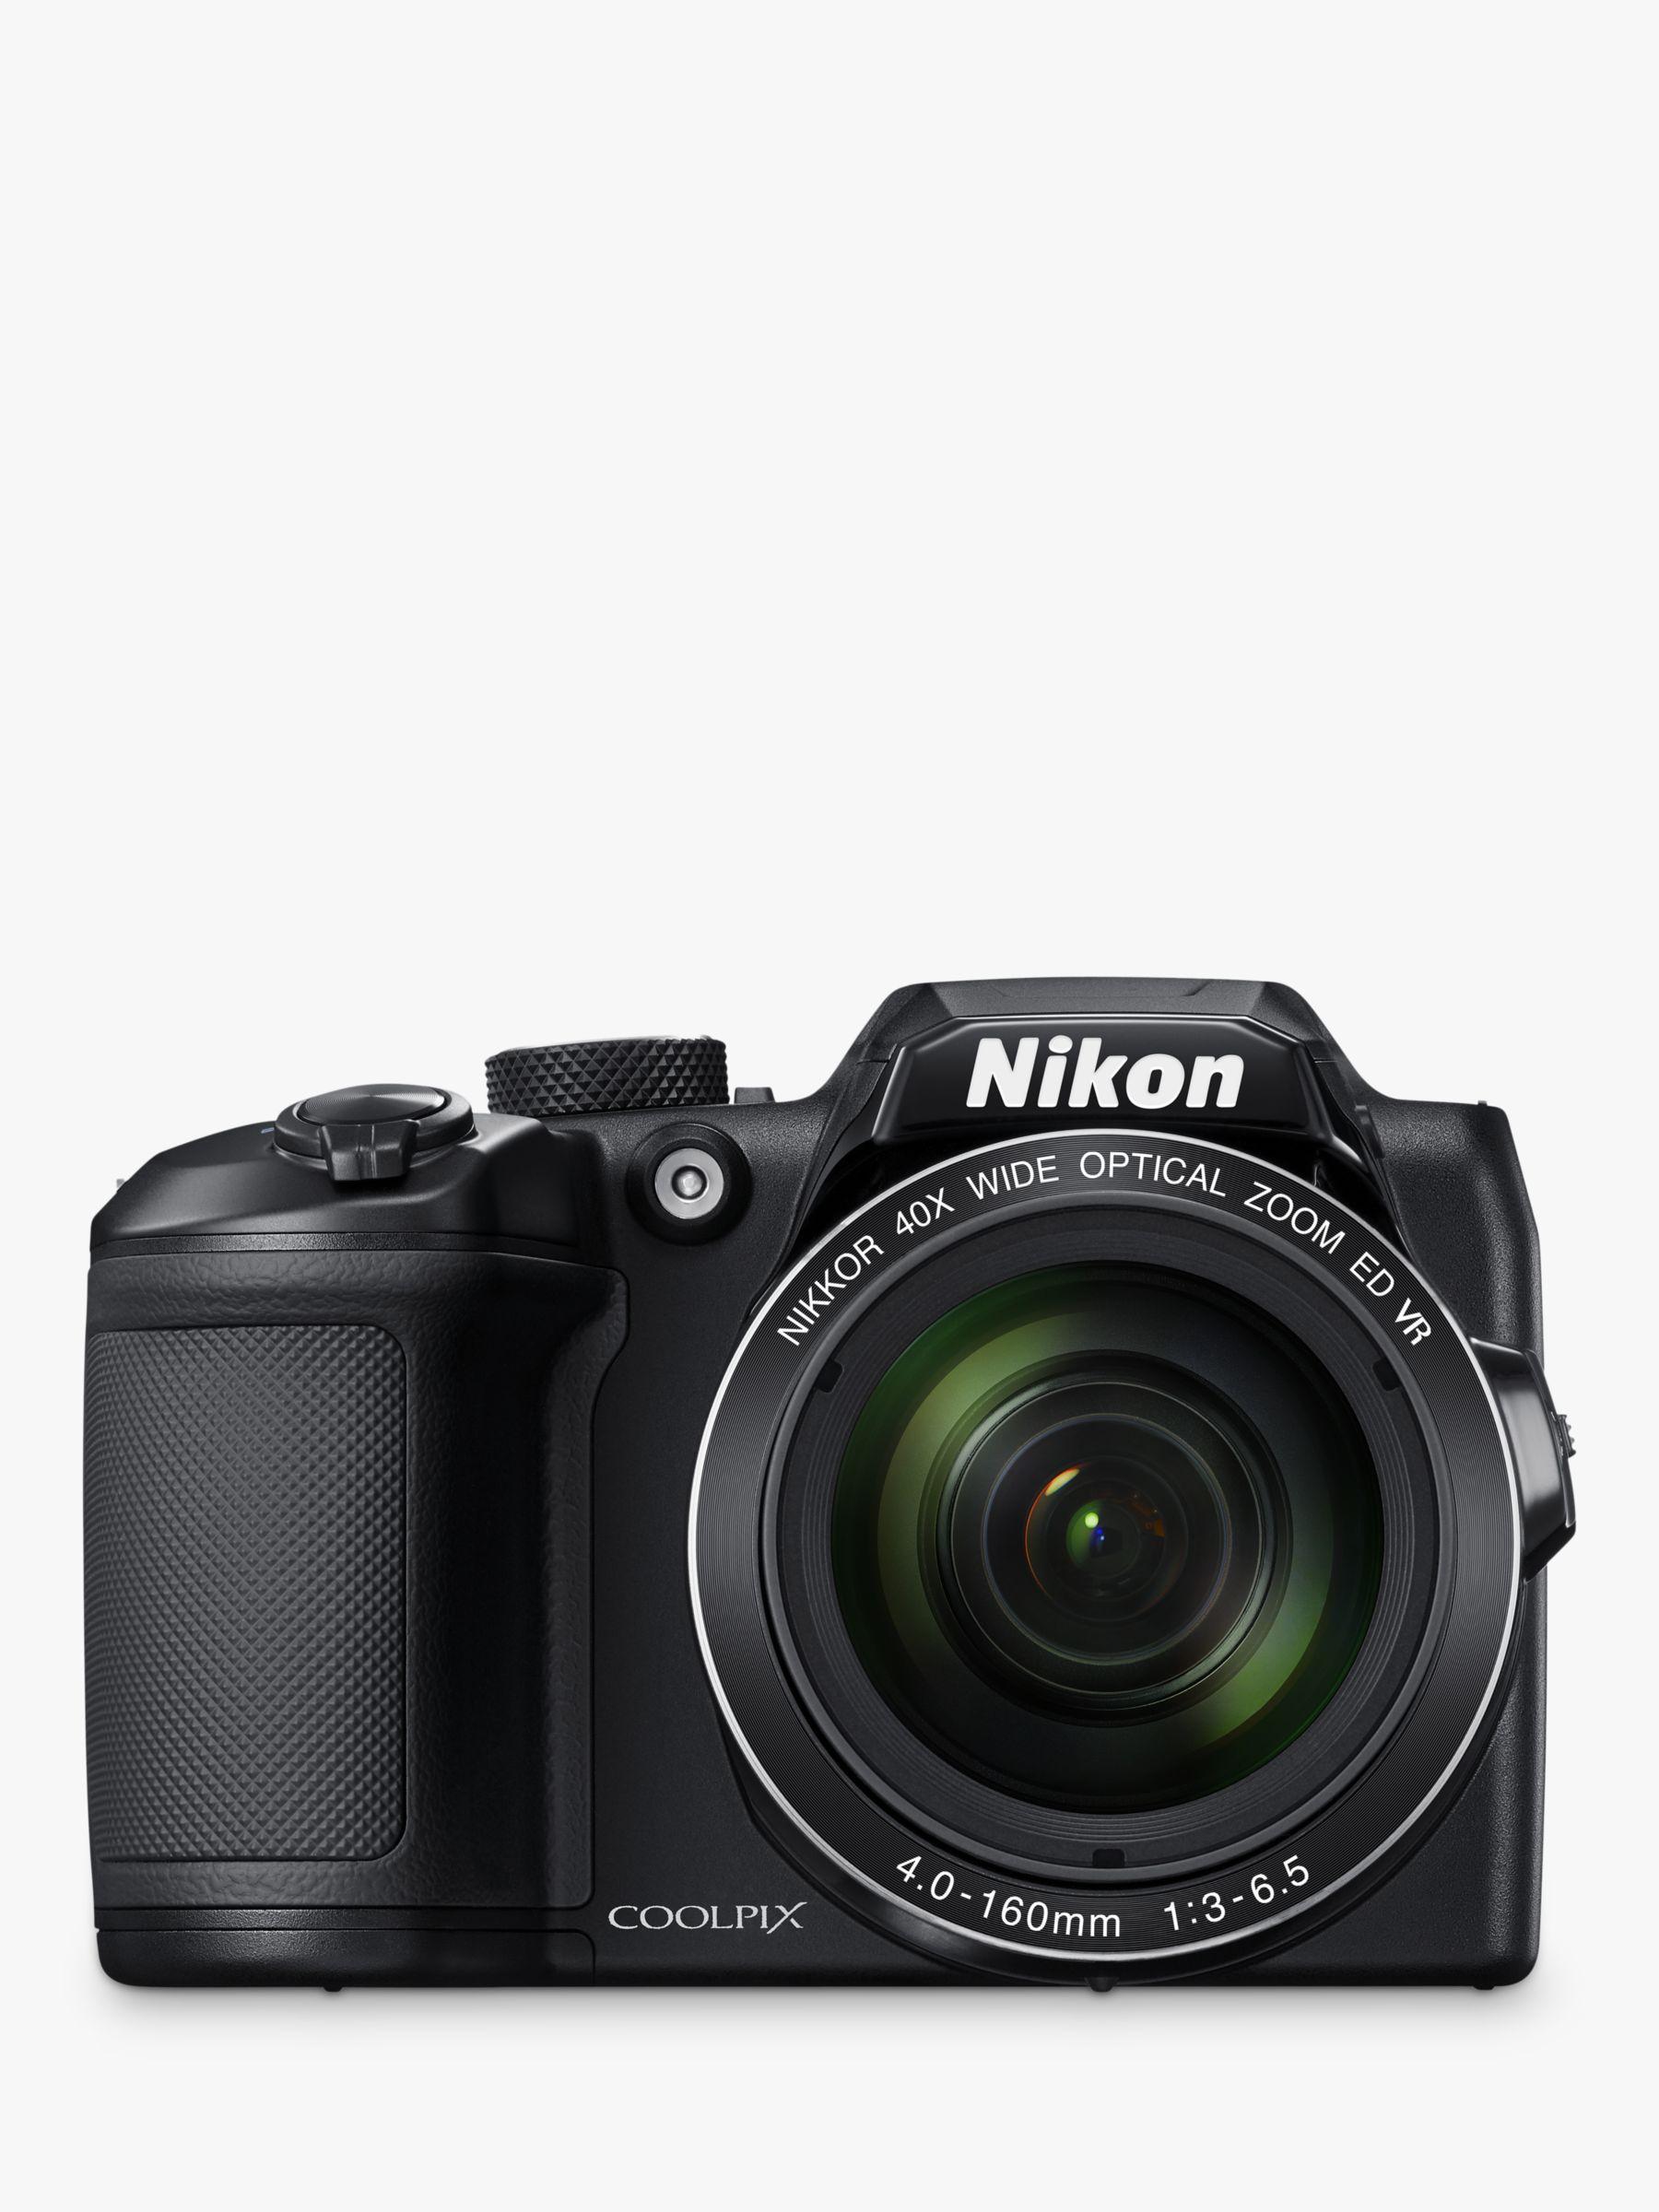 Nikon Nikon COOLPIX B500 Digital Camera, 16MP, HD 1080p, 40x Optical Zoom, Wi-Fi, Bluetooth, 3 LCD Screen, Black